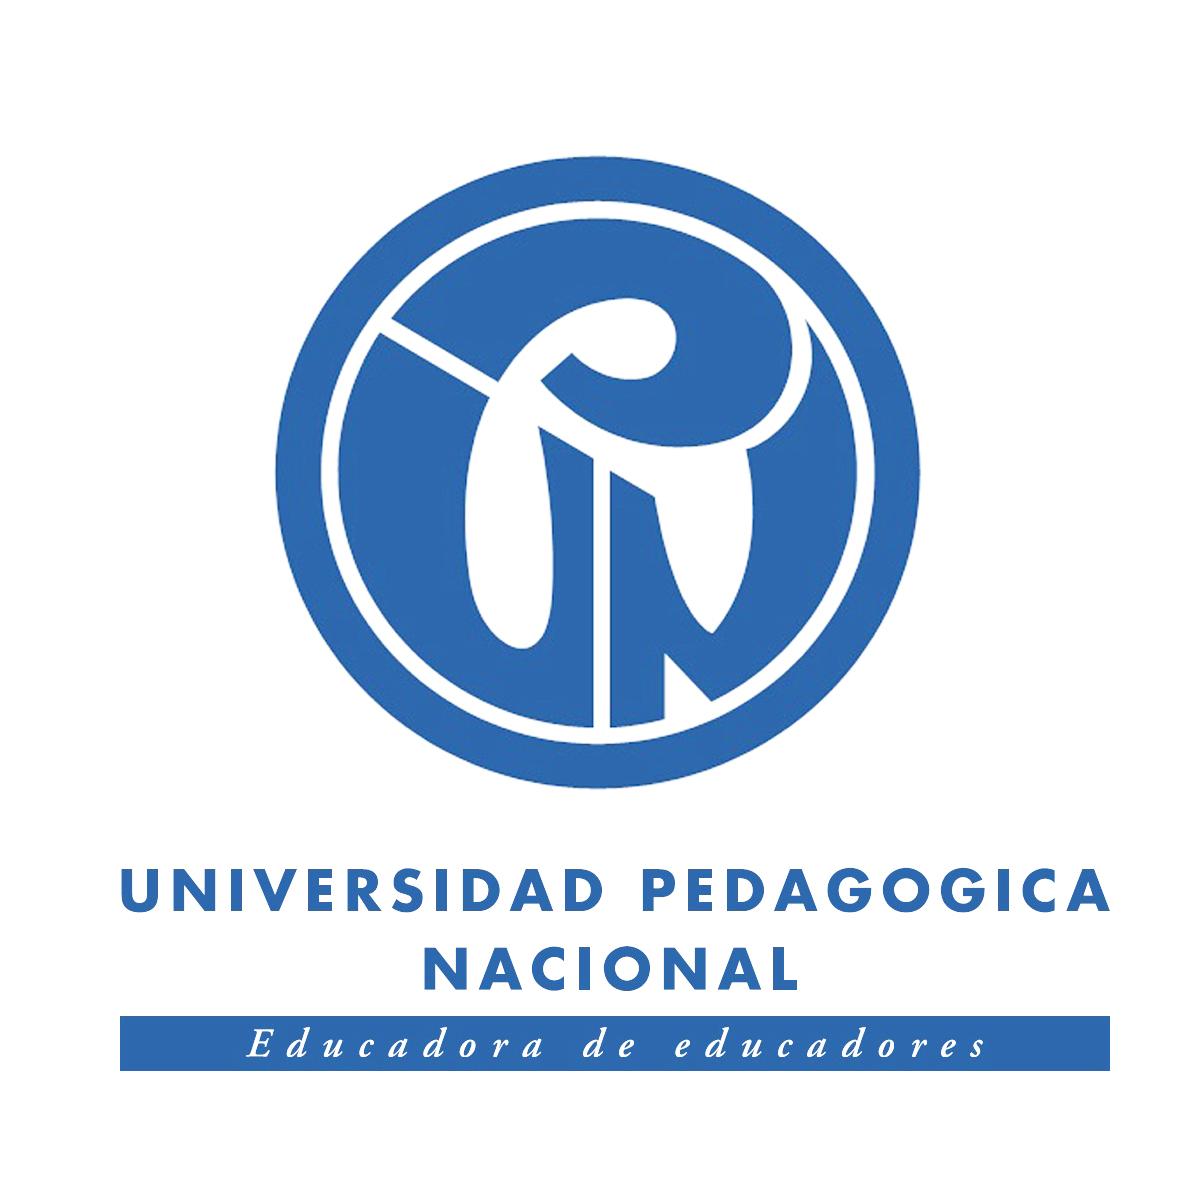 la universidad nacional pedagogica: